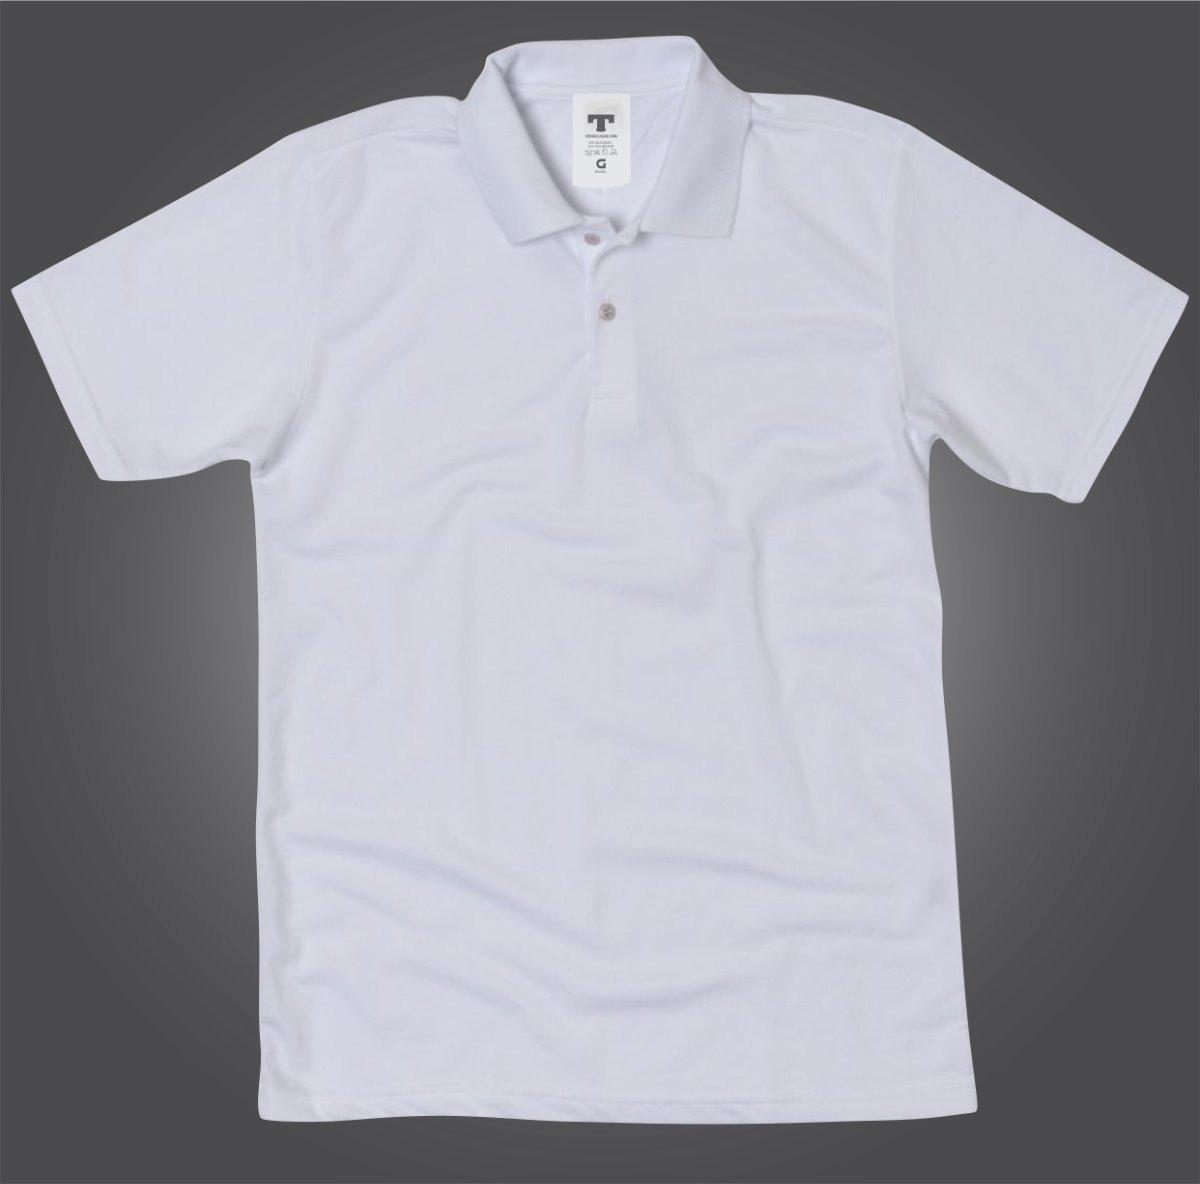 camisa pólo de malha branca masculino e feminina baby look. Carregando zoom. 01731797a66bc